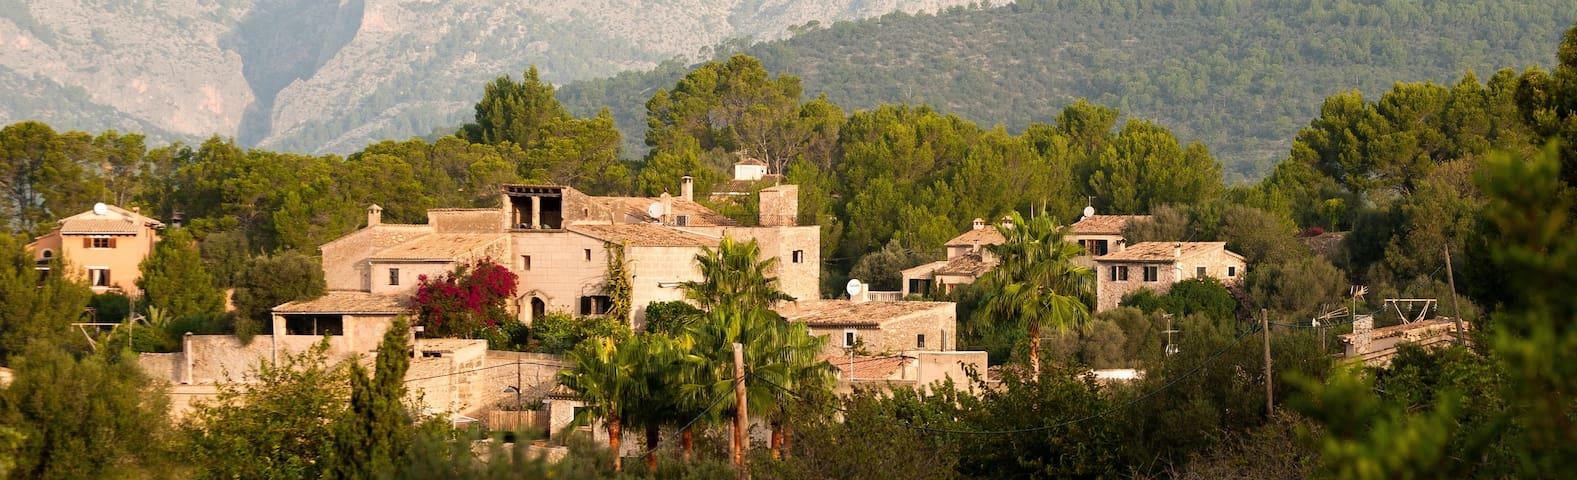 Habitación doble en una casa típica de Mallorca-2